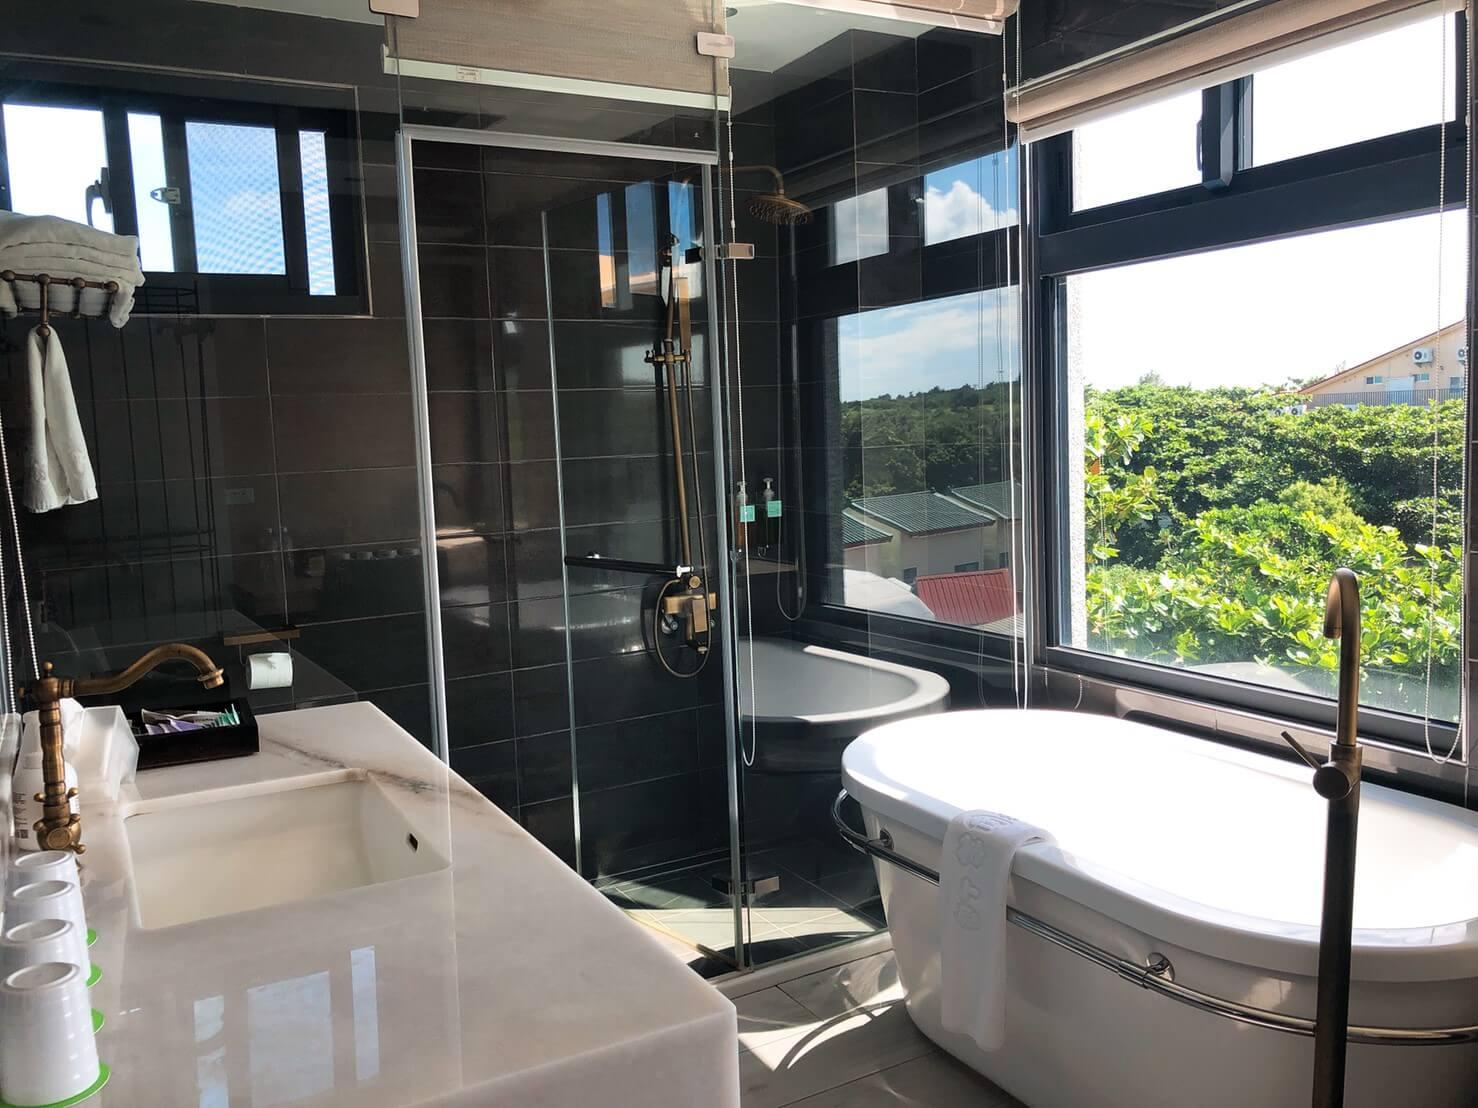 墾丁住宿好評推薦_Okra villa_交通、房價、特色介紹_浴室很美2